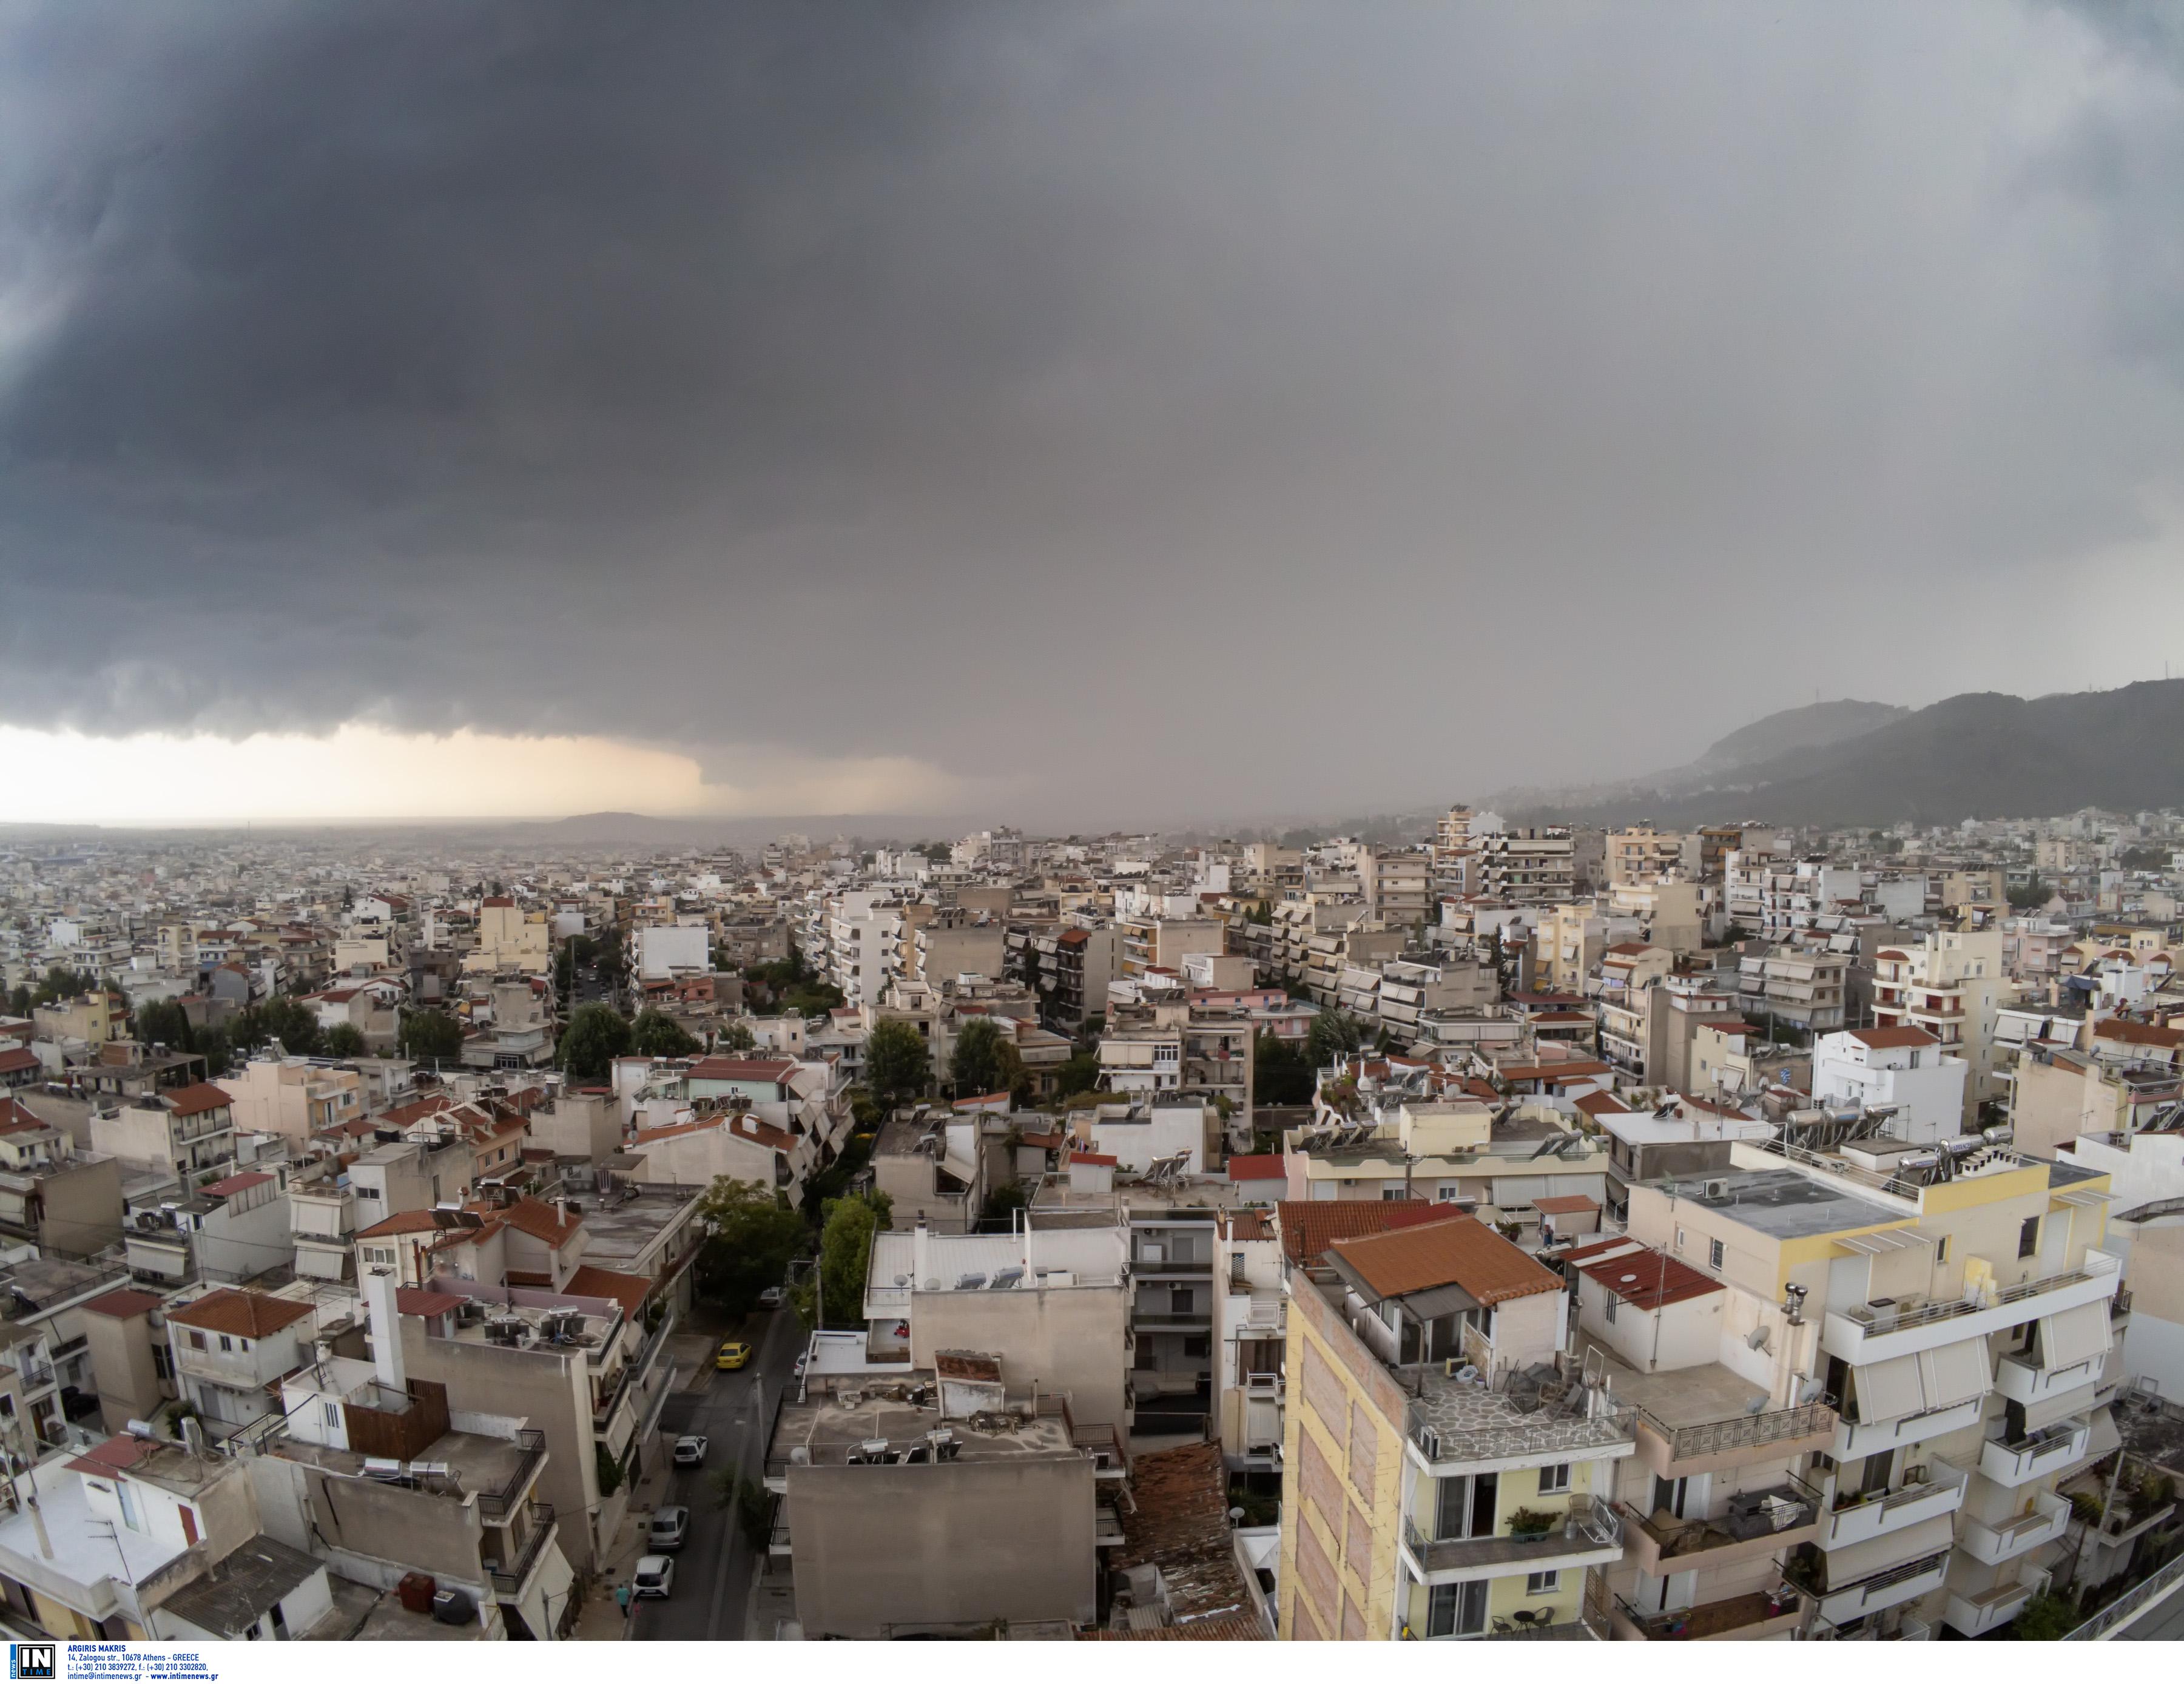 Άστραψε και βρόντηξε σε όλη την Ελλάδα με 7.000 κεραυνούς - Απρόβλεπτη η ισχυρή καταιγίδα στην Αττική